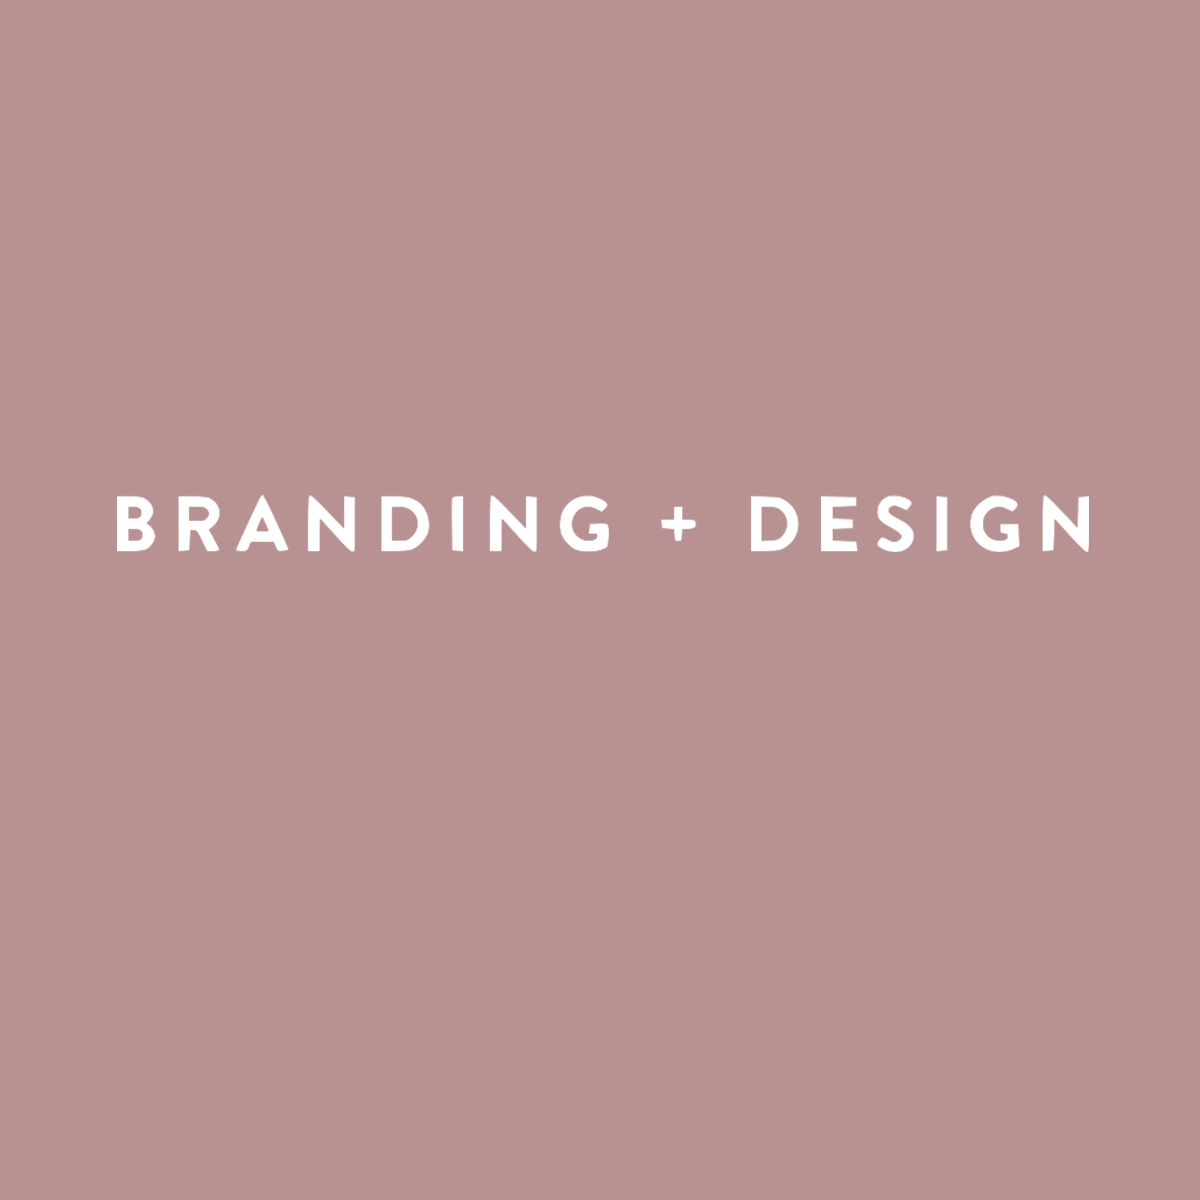 BRANDING + DESIGN